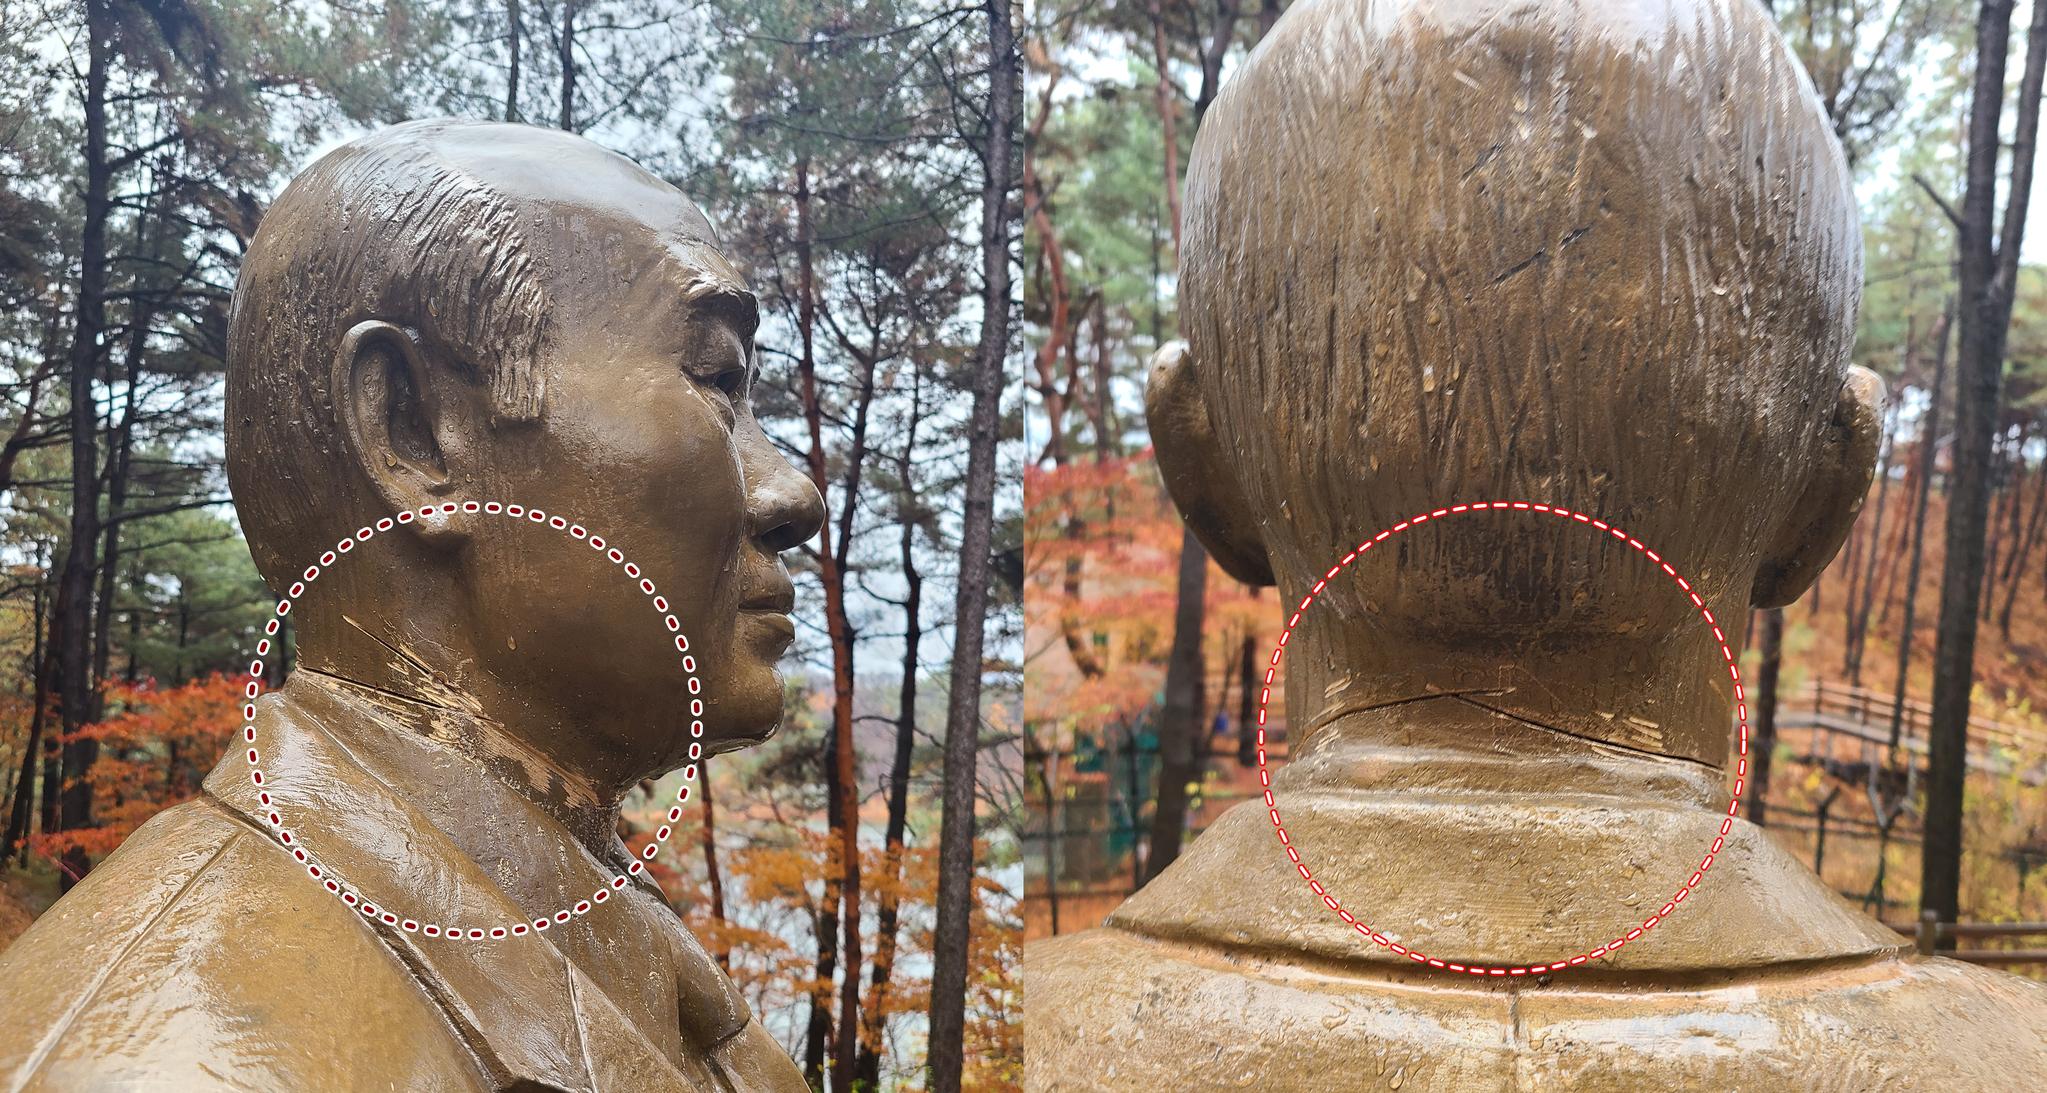 옛 대통령 별장인 청남대에 있는 전두환 동상의 목을 쇠톱으로 훼손한 50대가 경찰에 붙잡혔다. 사진은 훼손된 동상. 사진 청남대관리사업소